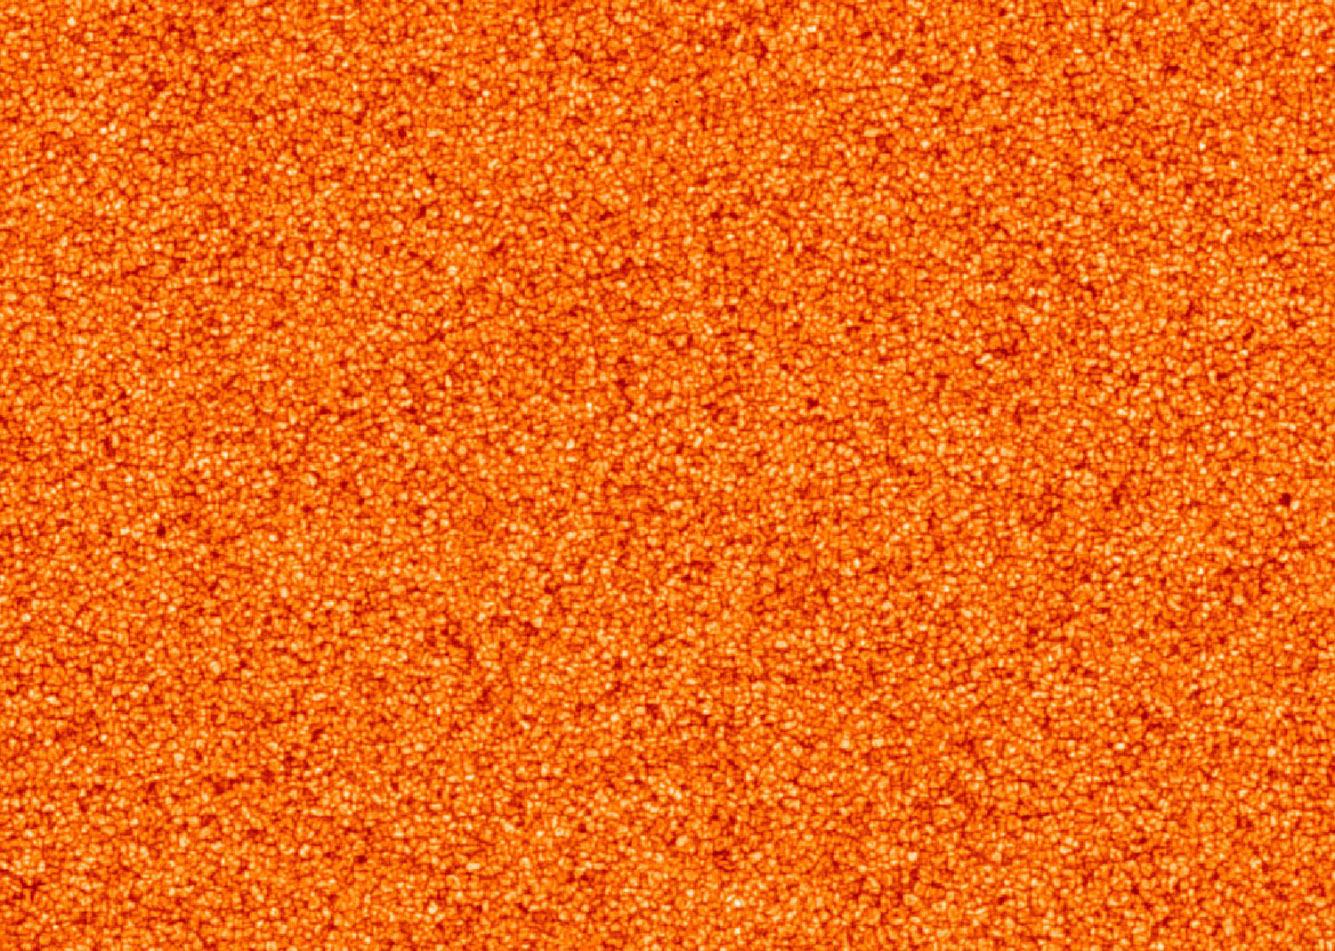 Снимок поверхности Солнца крупным планом